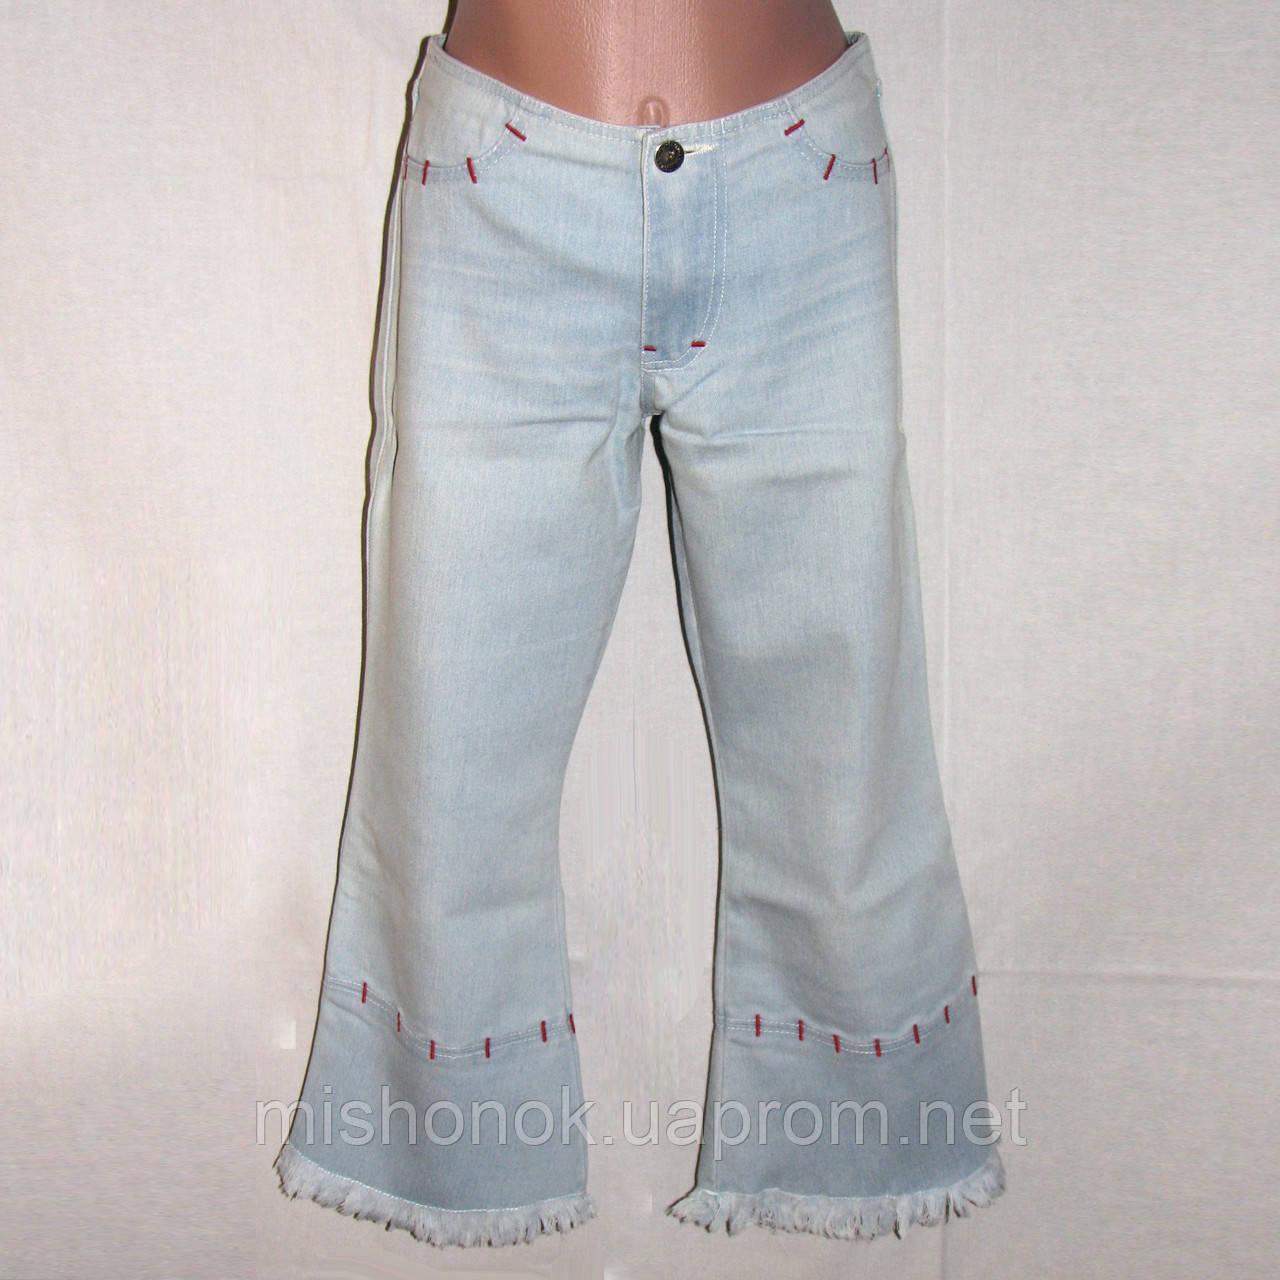 Женские джинсовые капри 04acf481ce423